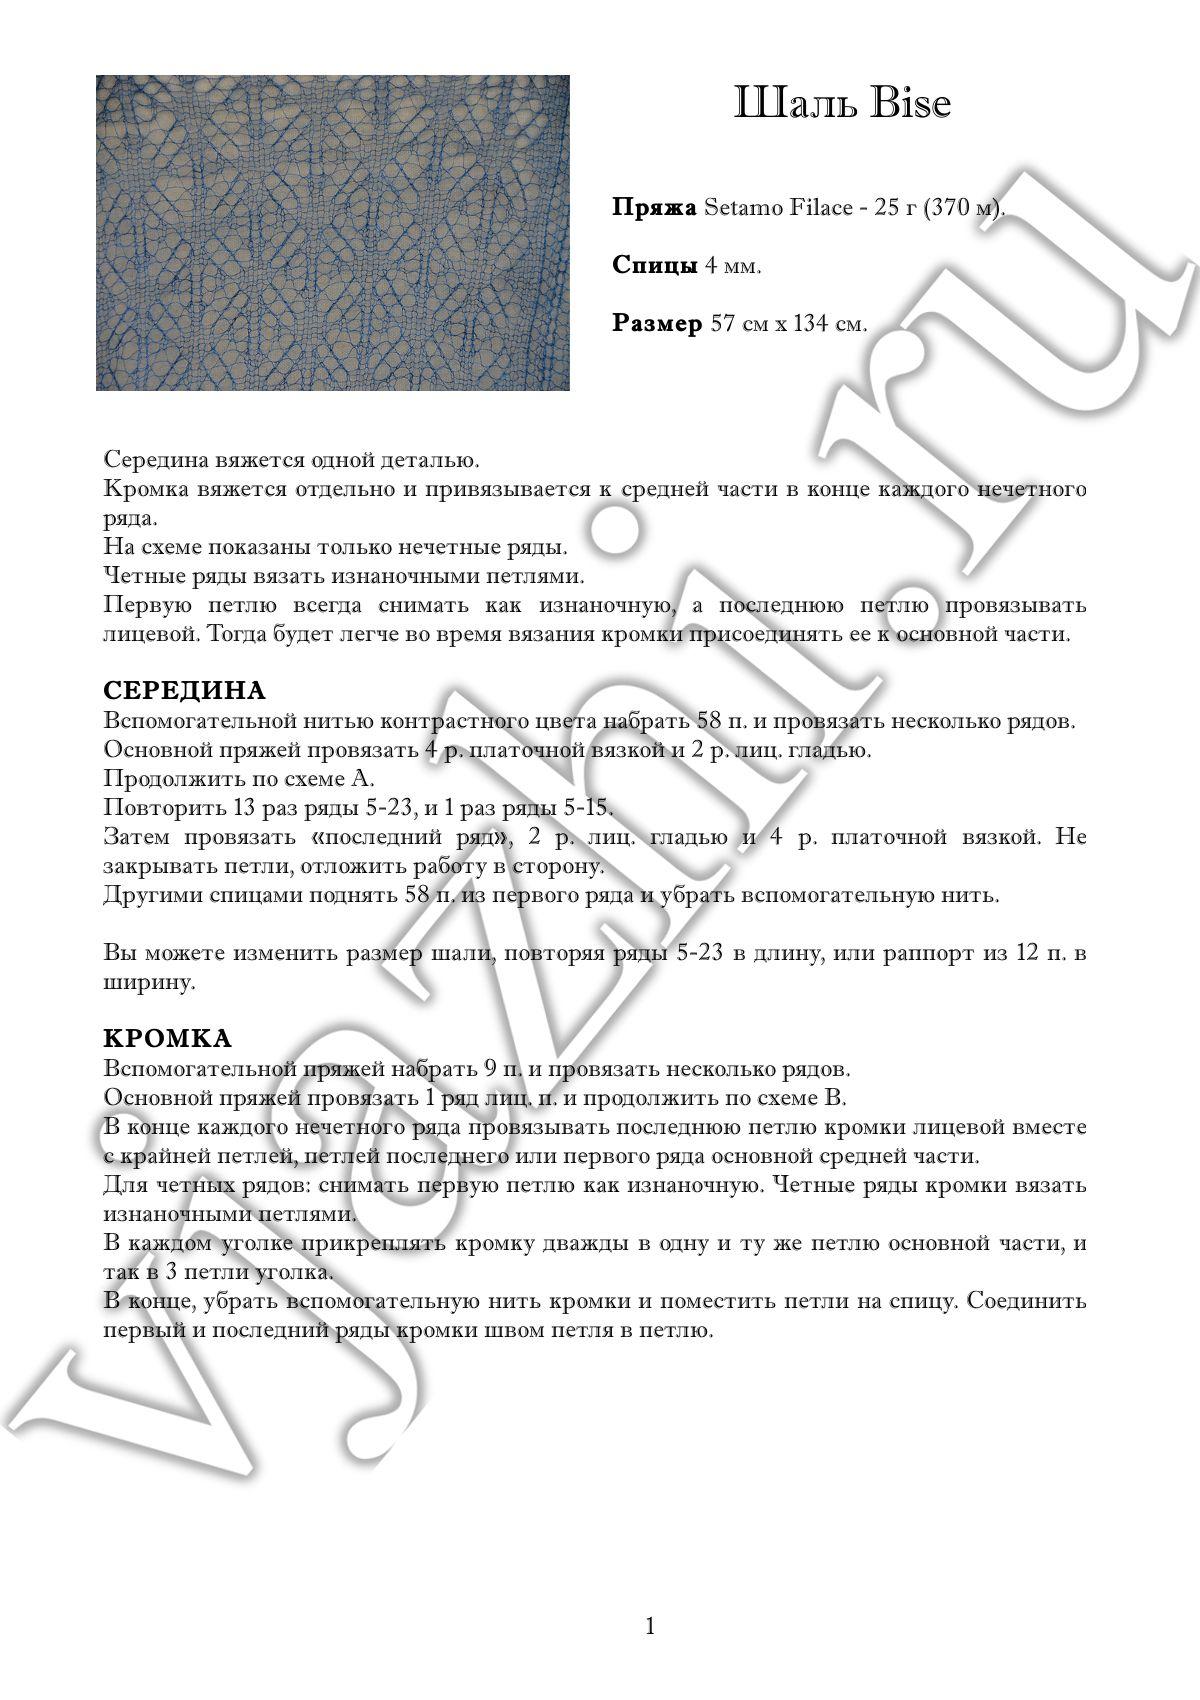 shal_pautinka_spicami_opisanie (493x700, 174Kb)